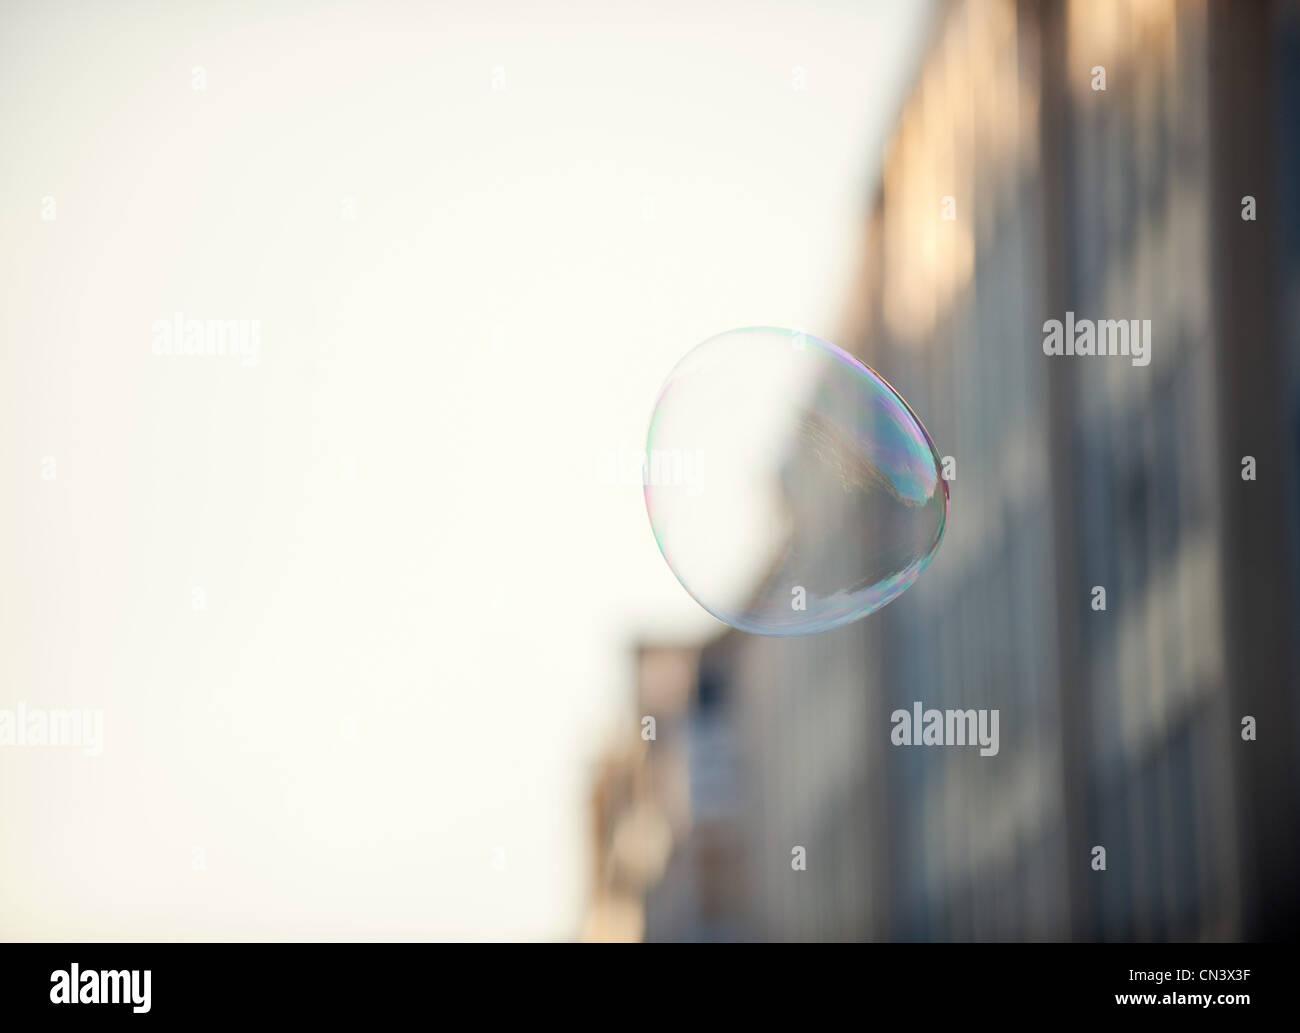 Una burbuja flotando en un entorno urbano Imagen De Stock